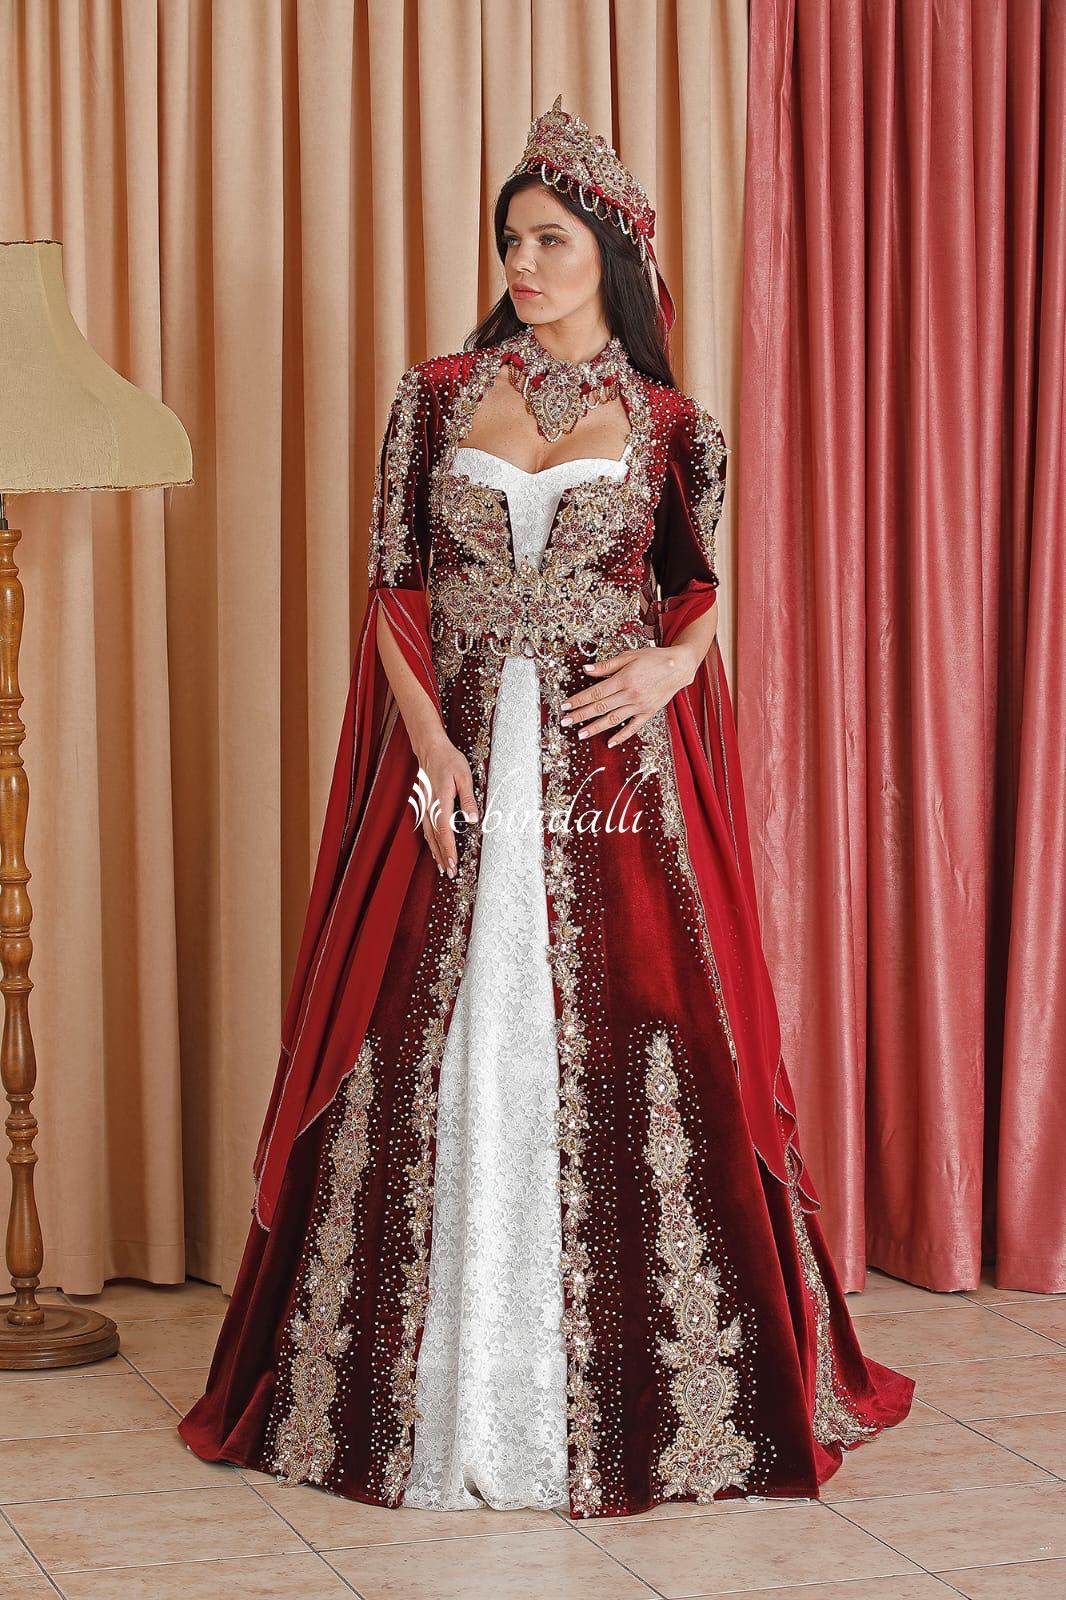 Kiralık KareYaka Bindallı 36-40 Beden (İzmir Mağaza Yeni Model)